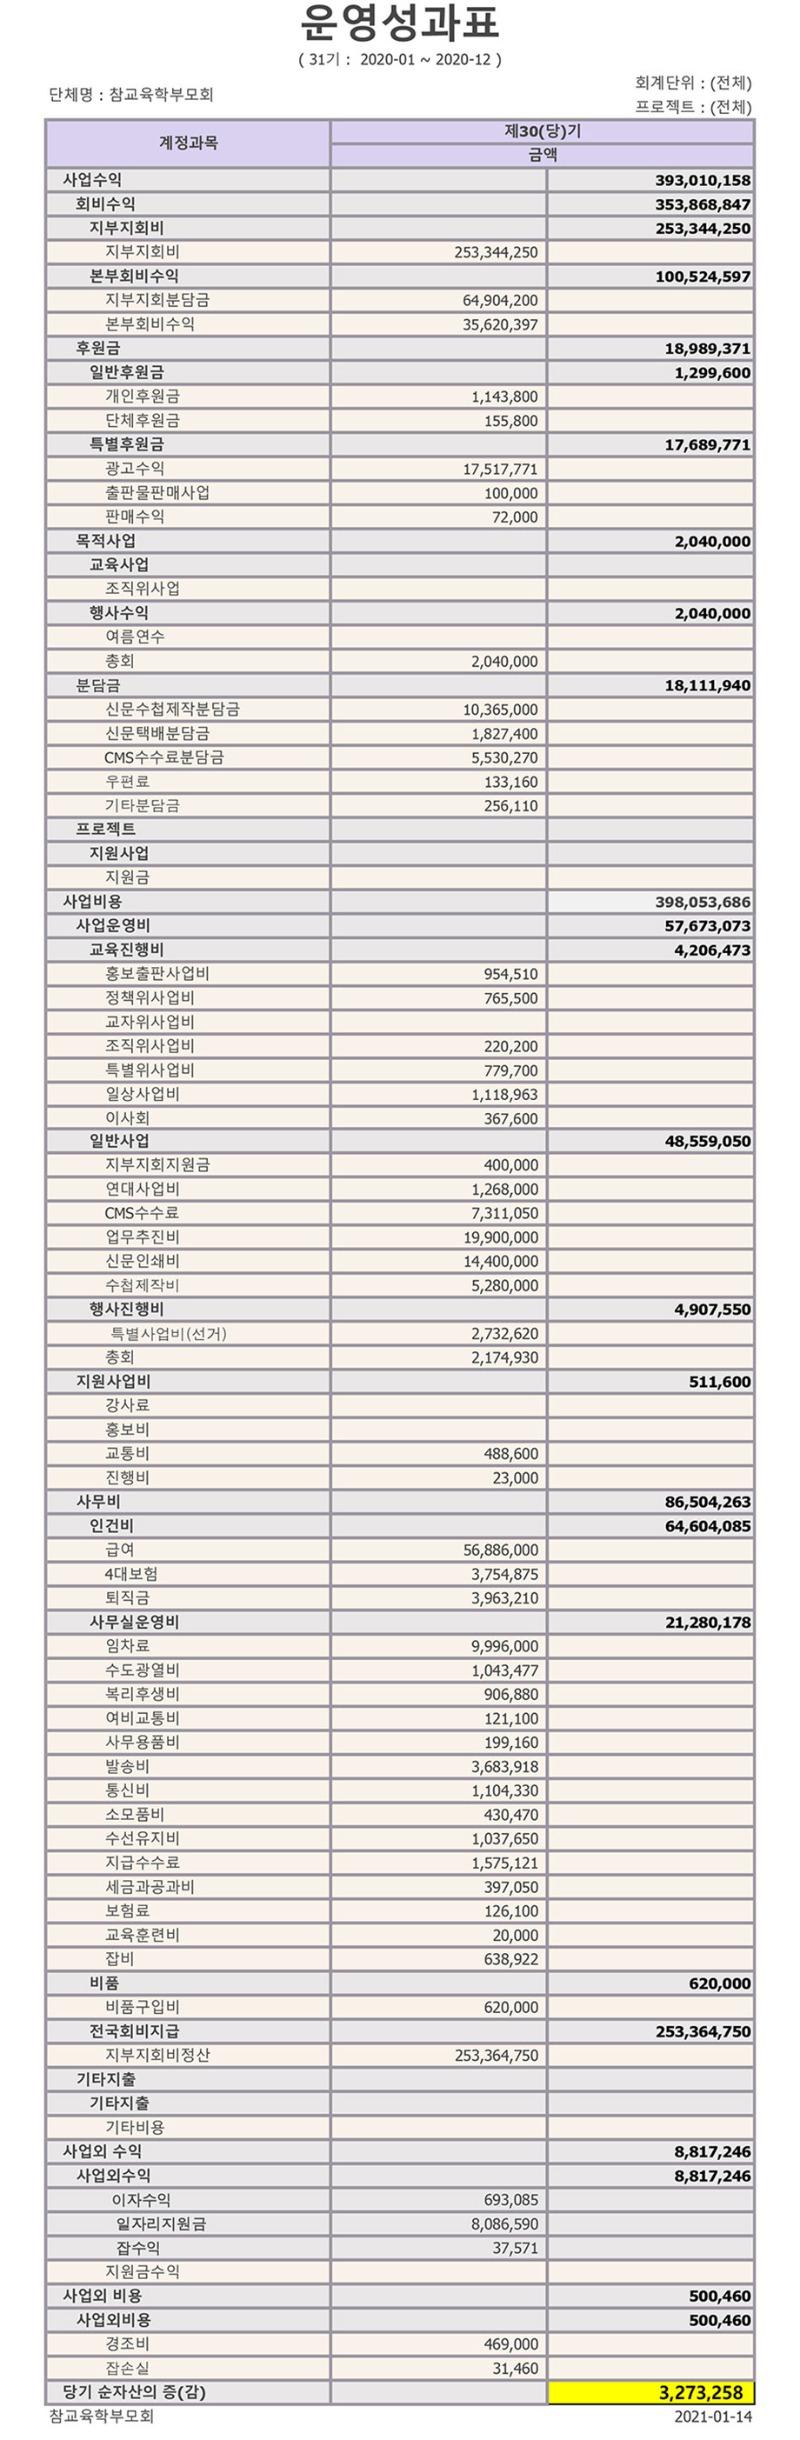 제36차-정기총회_운영성과표